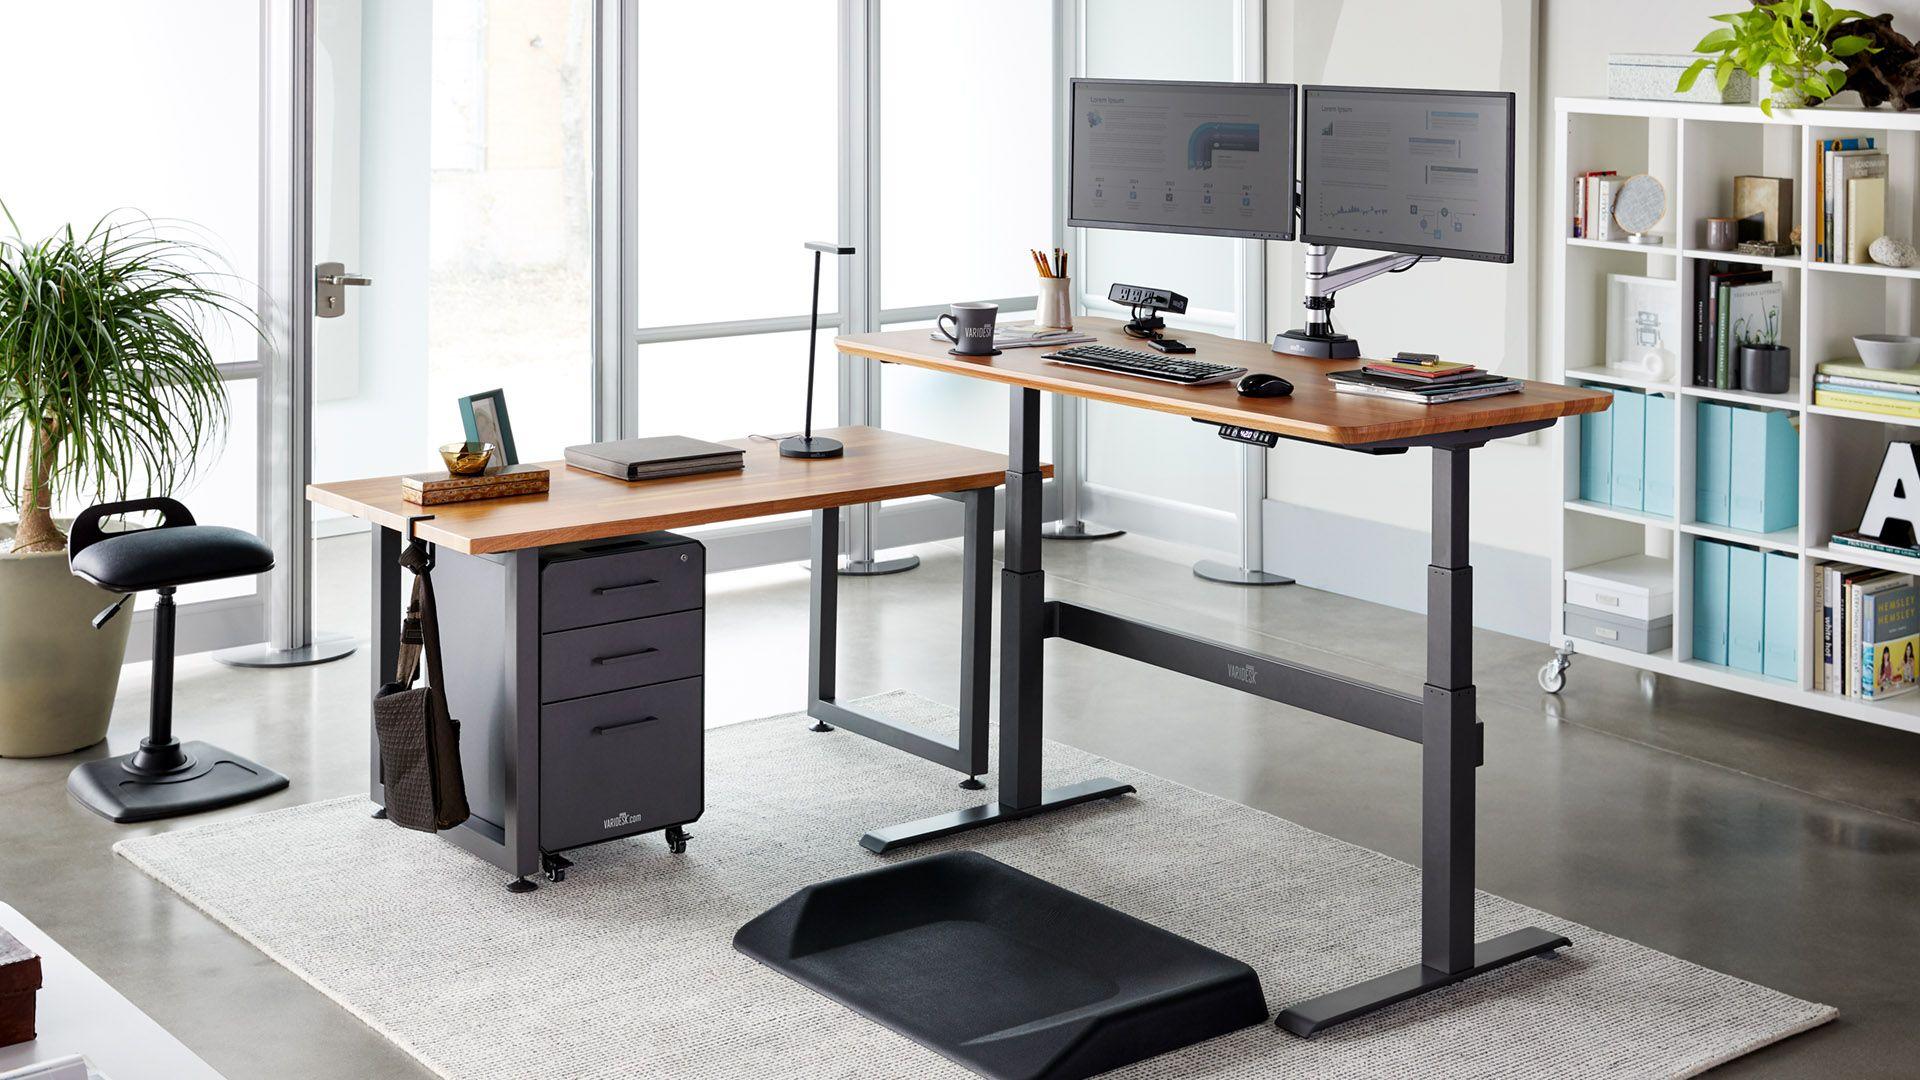 Electric Sit Stand Full Desk Solutions Varidesk Height Adjustable Electric Desks Standing Desk Design Standing Desk Office Diy Standing Desk Plans